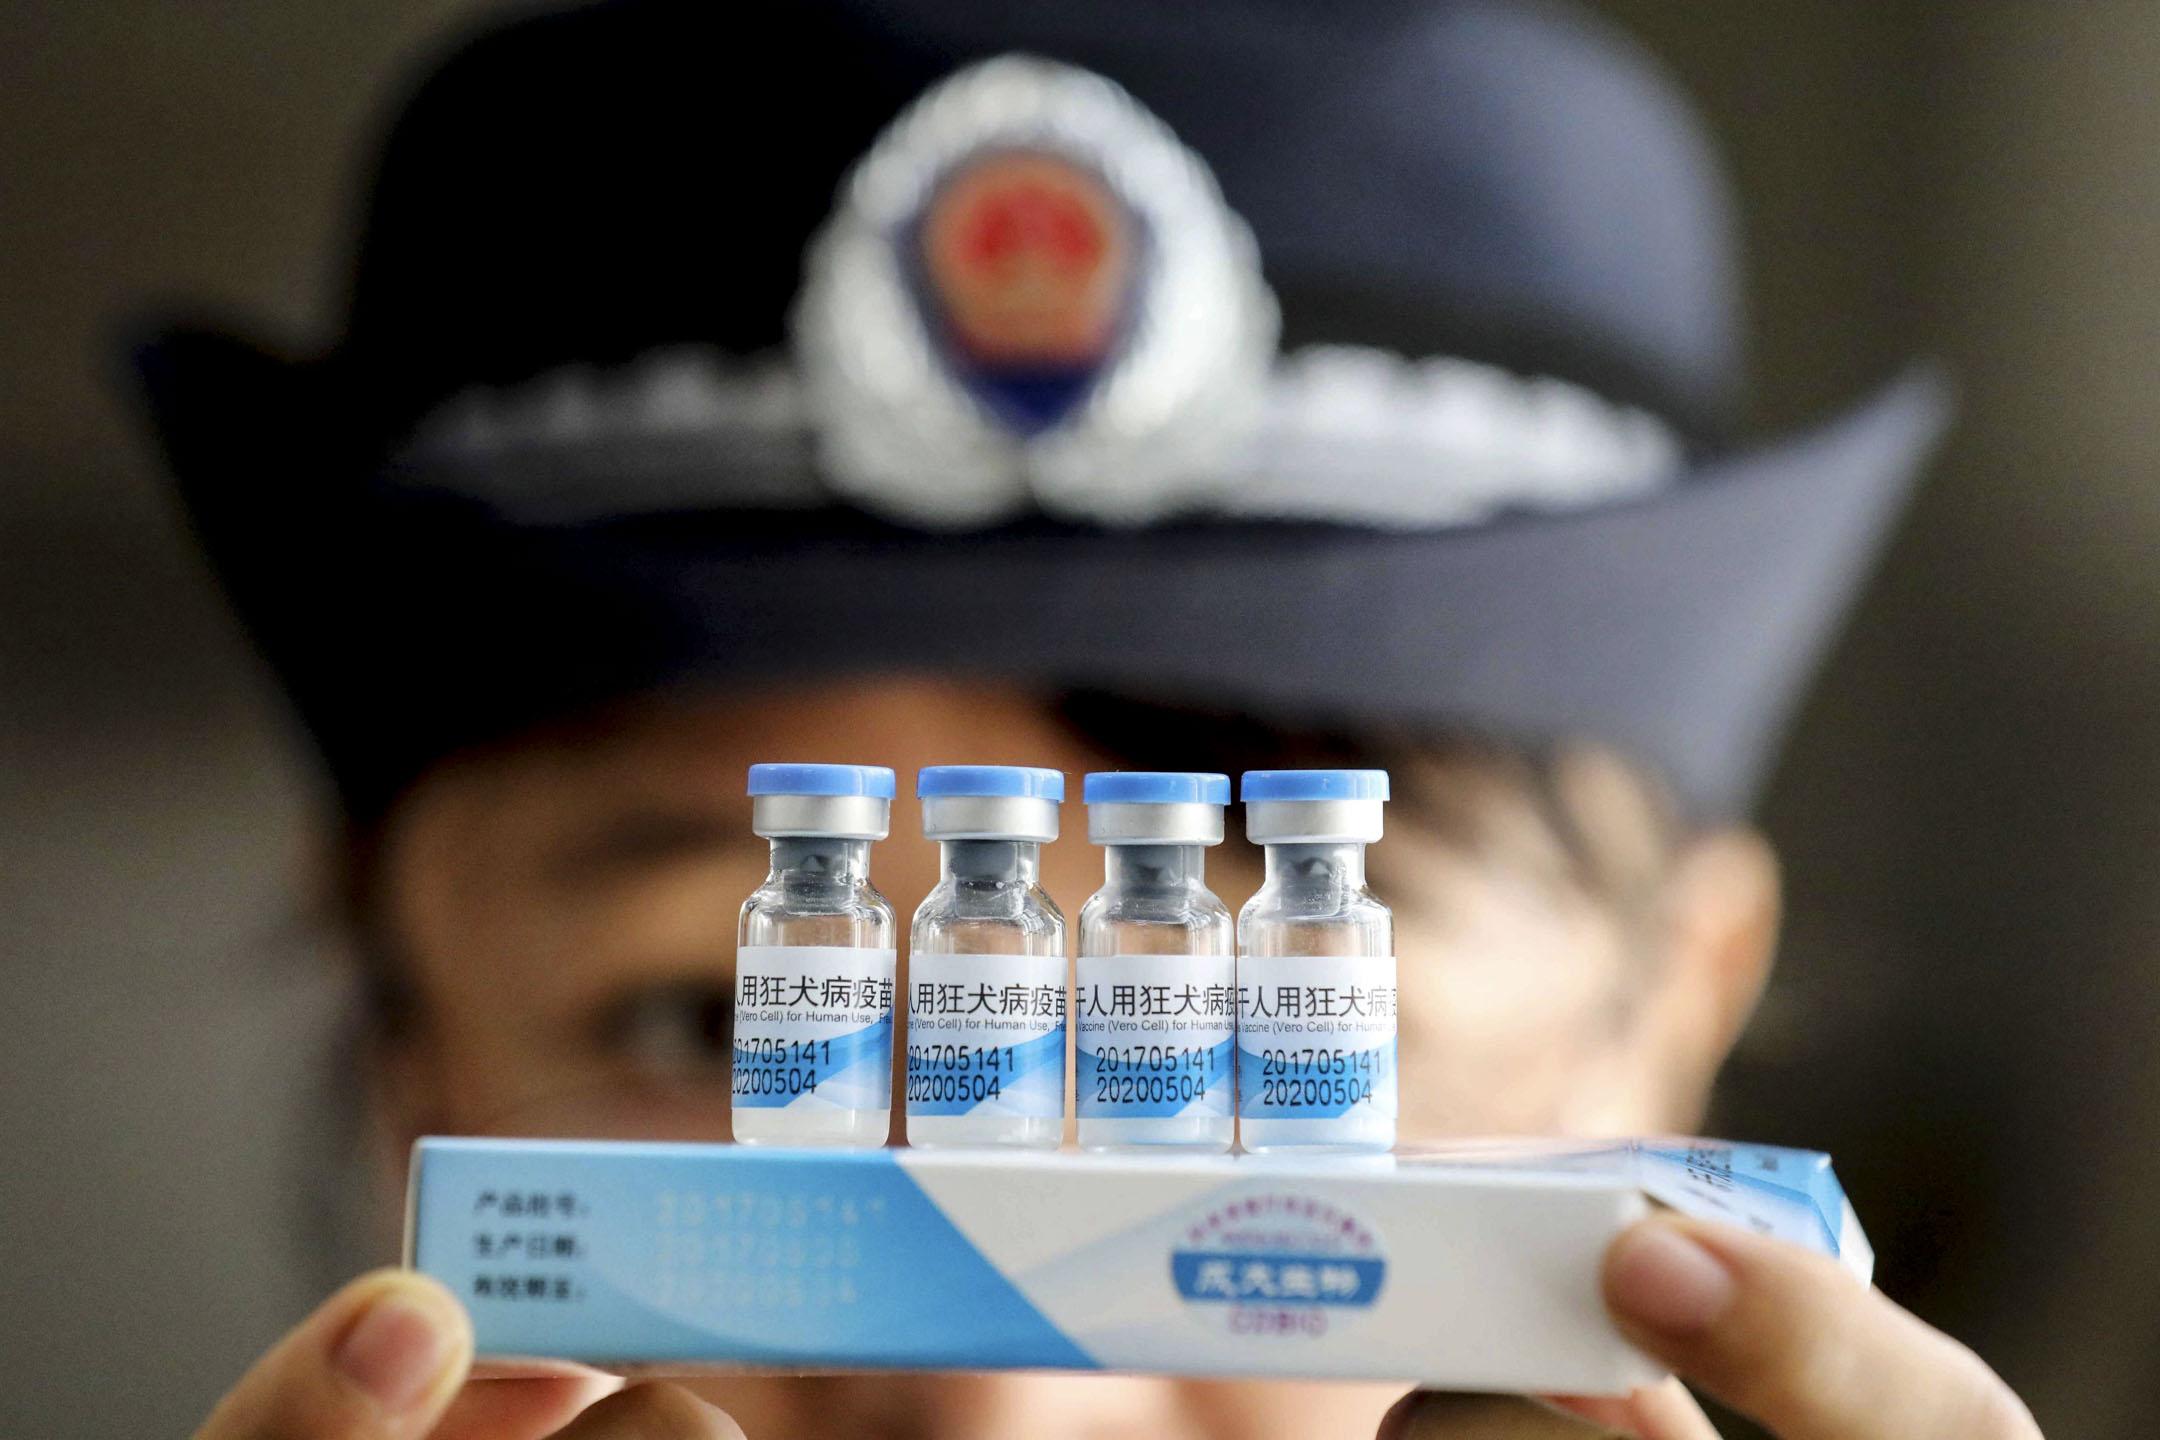 2018年7月15日,國家藥品監督管理局發布通告,吉林長春長生公司的狂犬病疫苗「生產記錄造假」,其針對嬰幼兒的百日咳、白喉和破傷風三合一混合疫苗(百白破疫苗)不合格。公眾號作者獸爺以一篇《疫苗之王》,將疫苗造假事件的熱度推至沸騰。事故後,國家主席習近平要求疫苗進行徹底調查,2018年7月23日,廣西榮安縣疾病預防控制中心(CDC)檢查遼寧成大生產的凍乾狂犬病疫苗。 攝: VCG via Getty Images